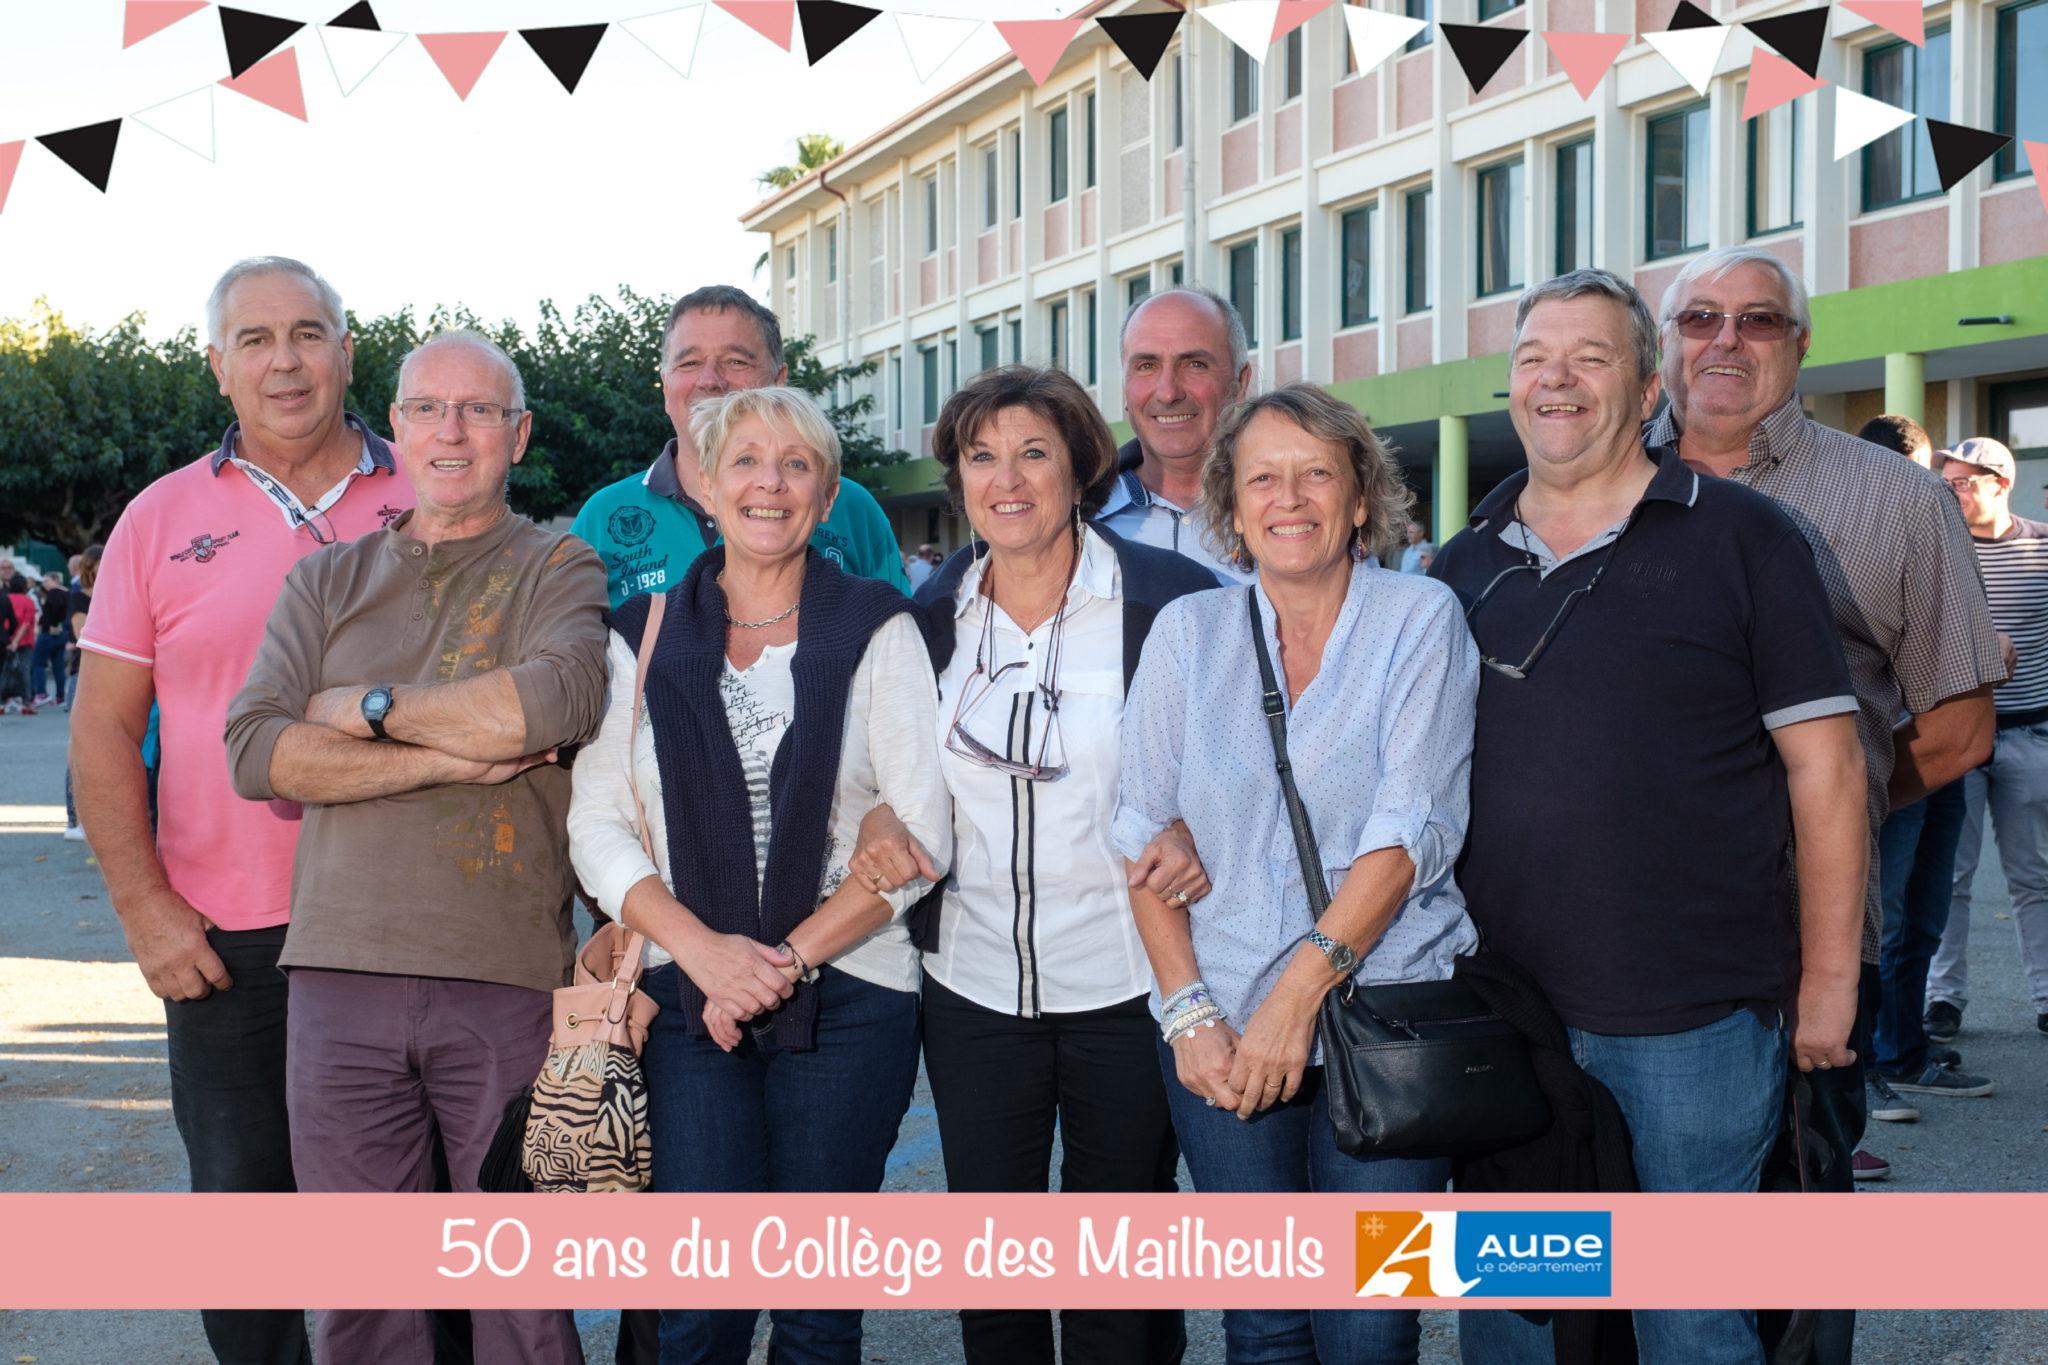 50 ans du College Les Mailheuls